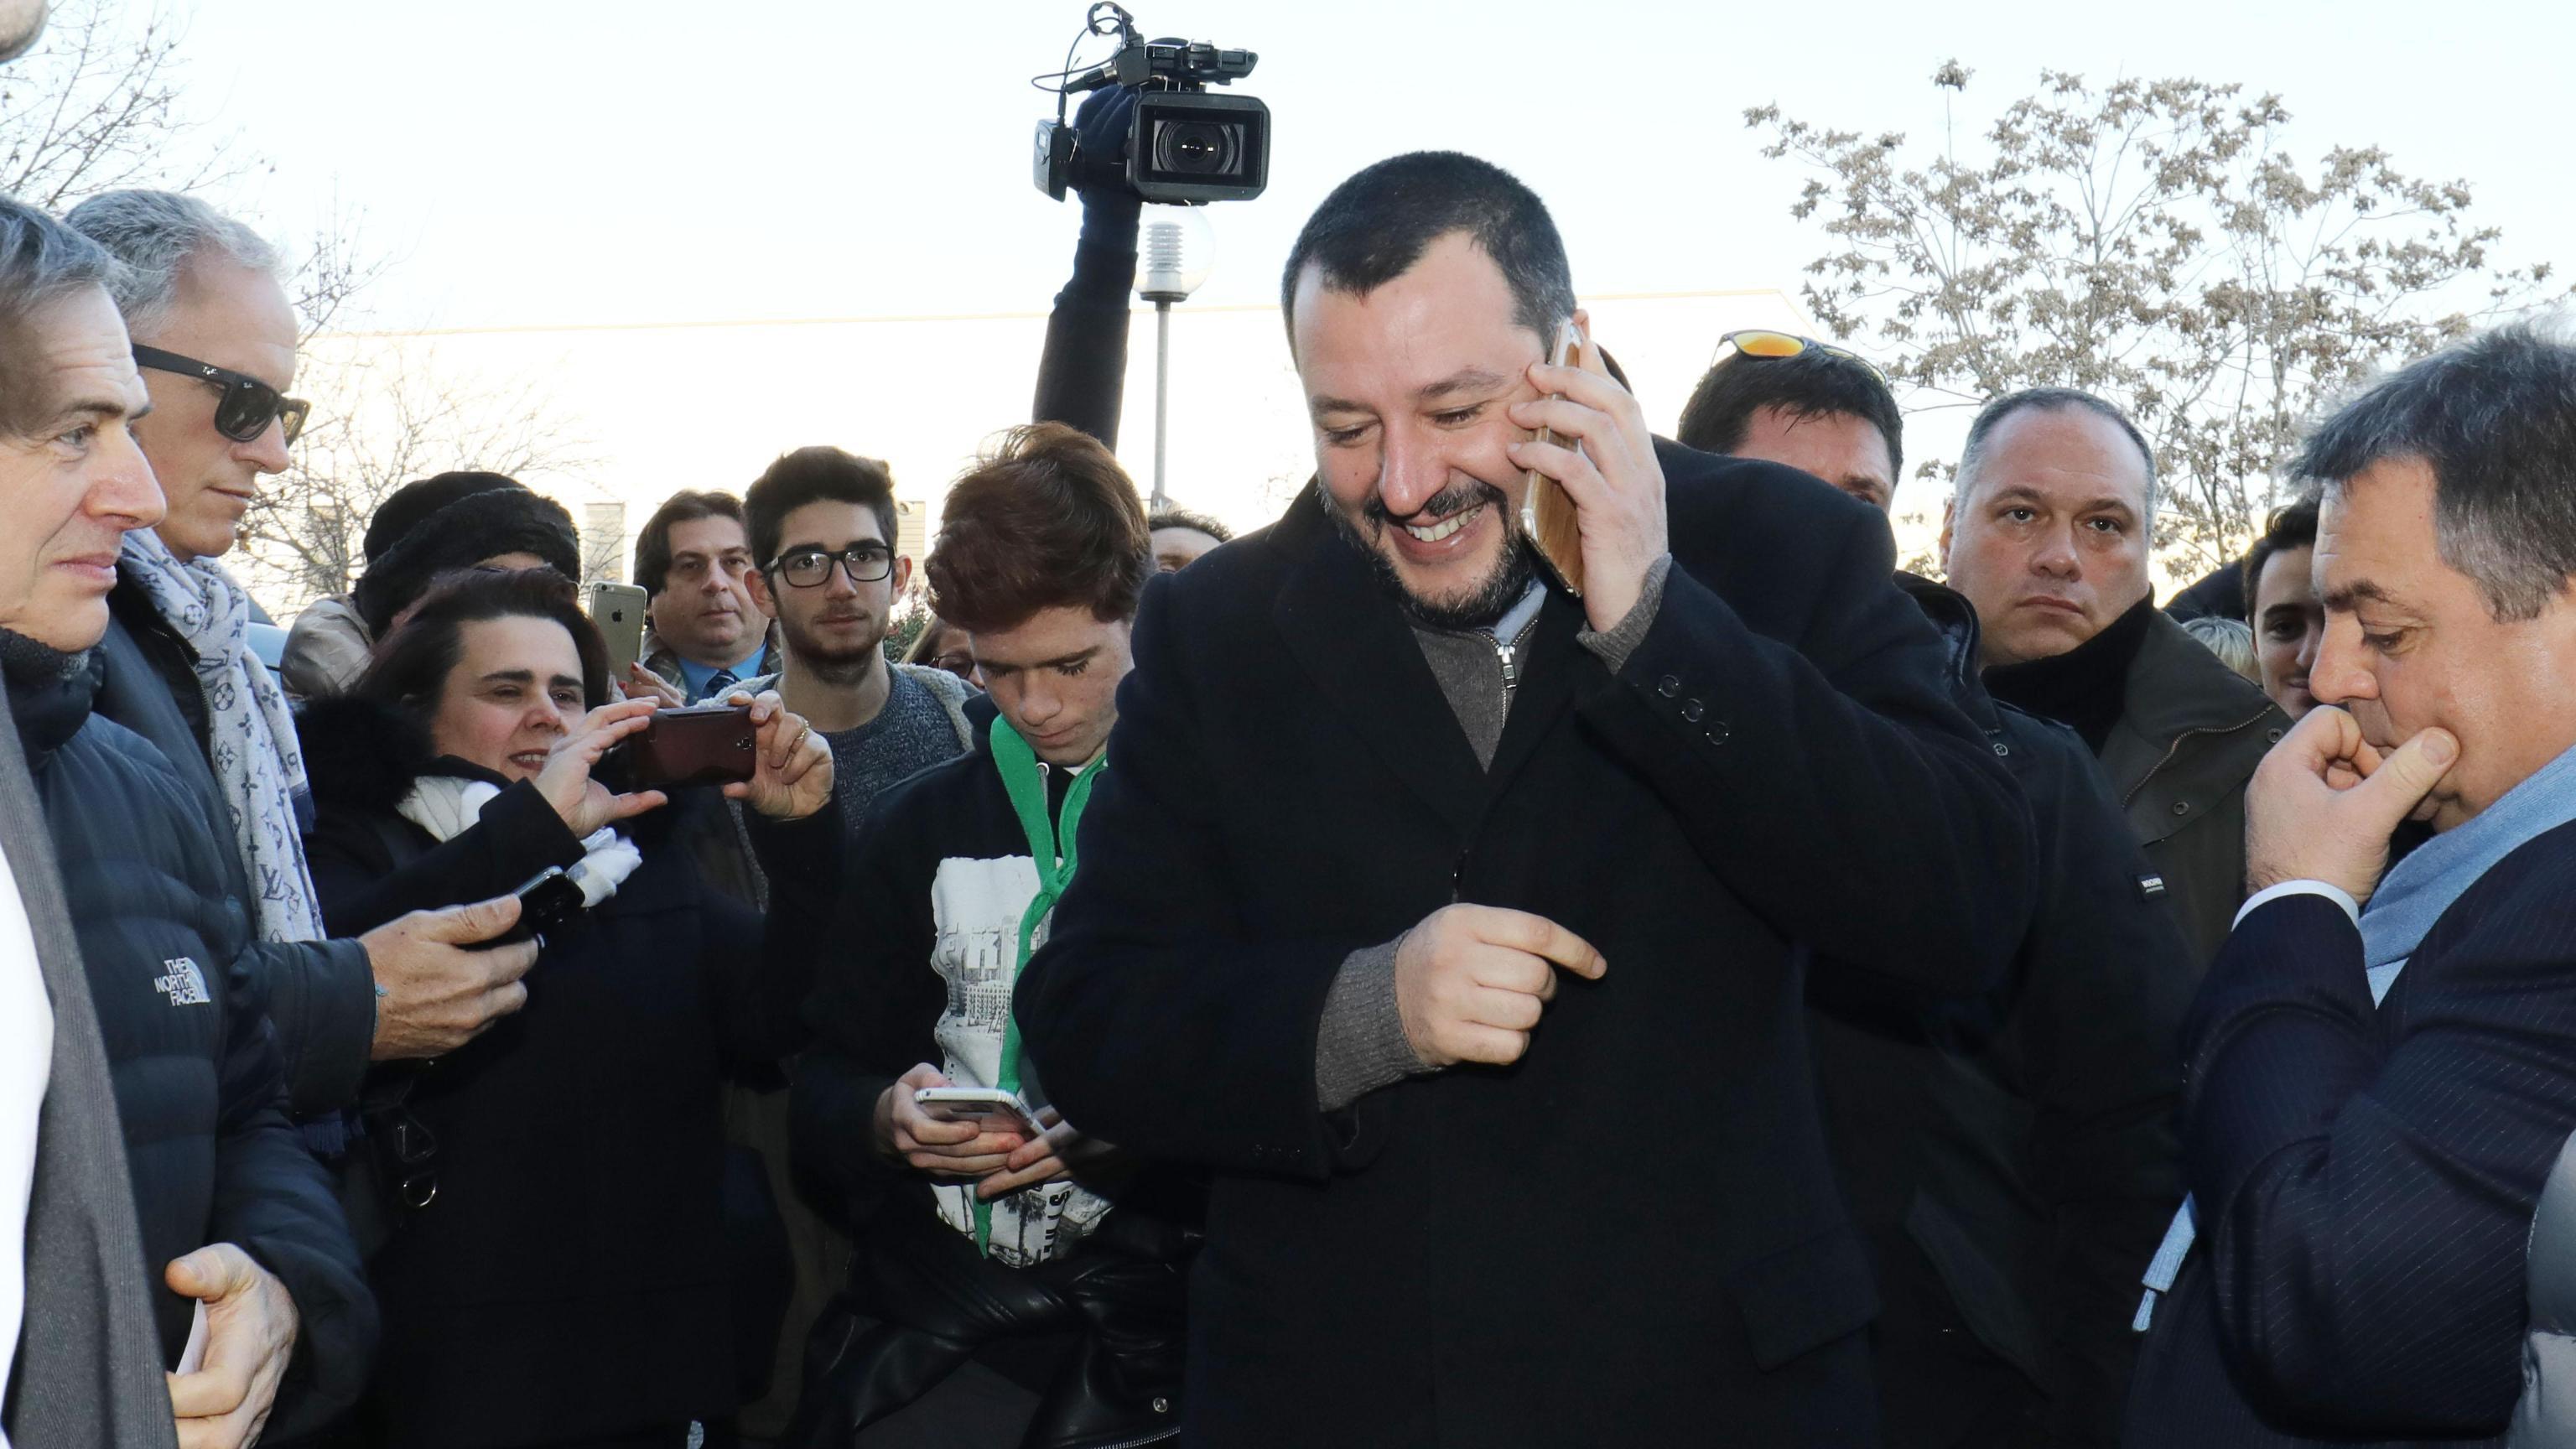 Salvini a Maroni, se lasci non fai altro